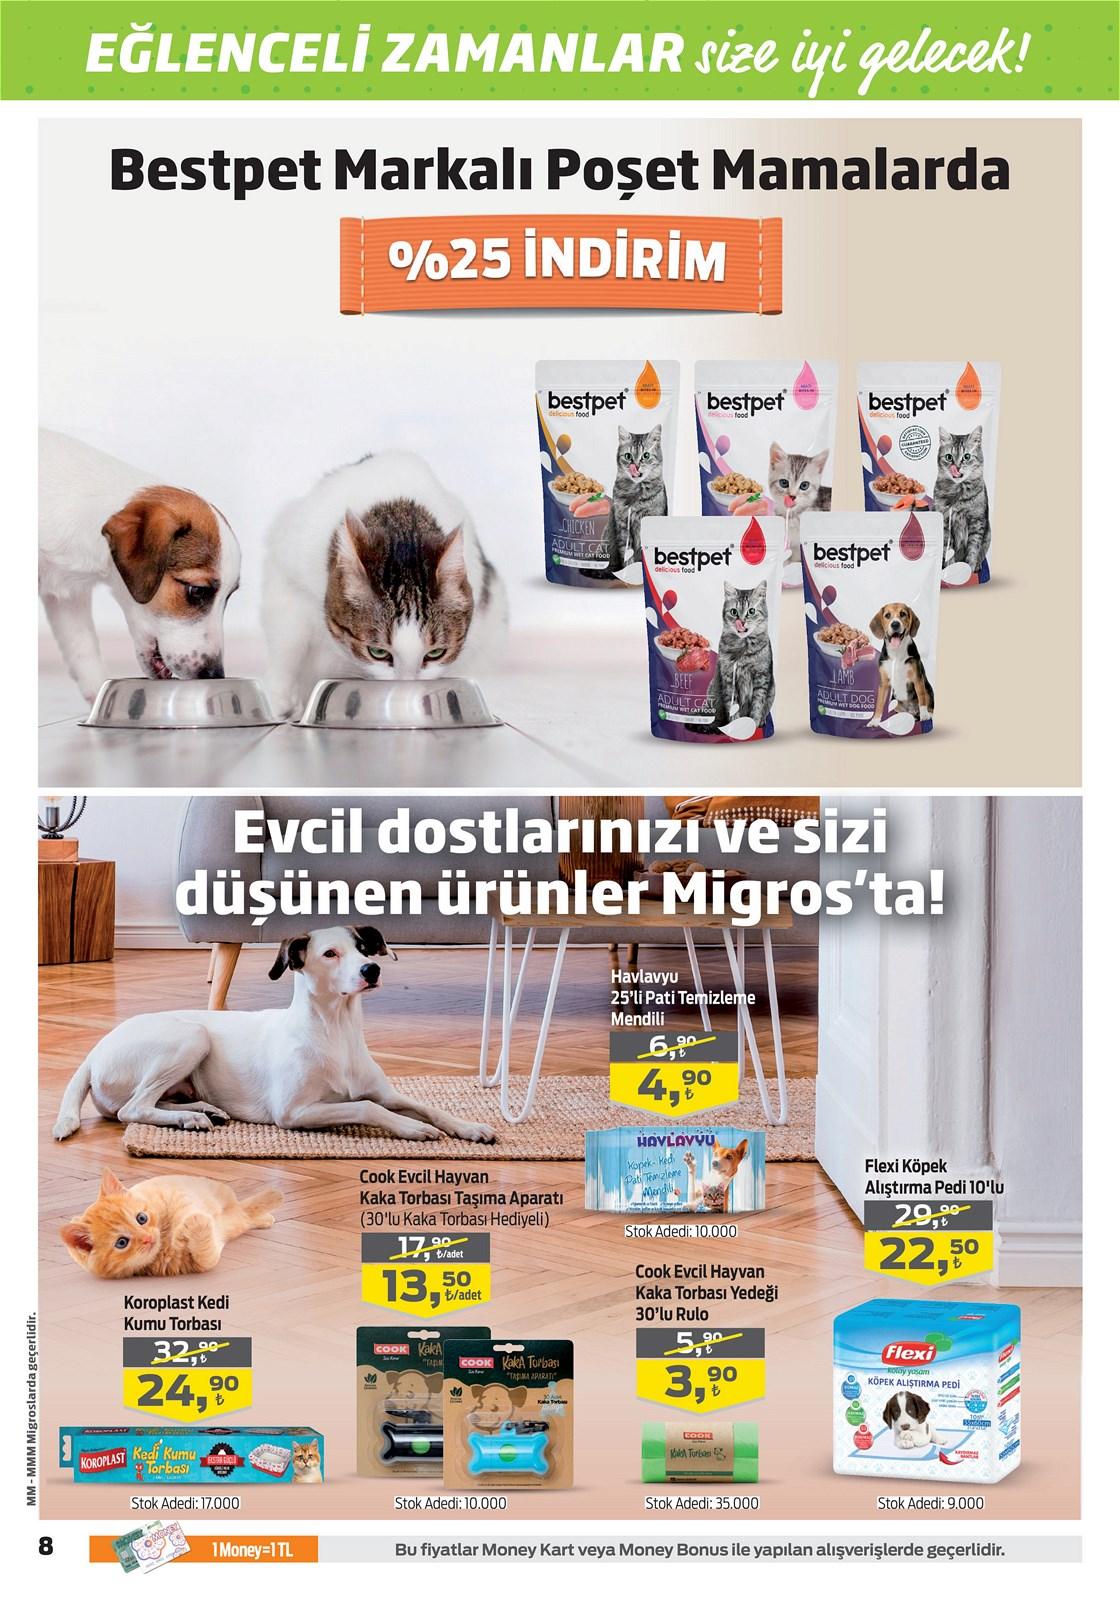 03.06.2021 Migros broşürü 8. sayfa